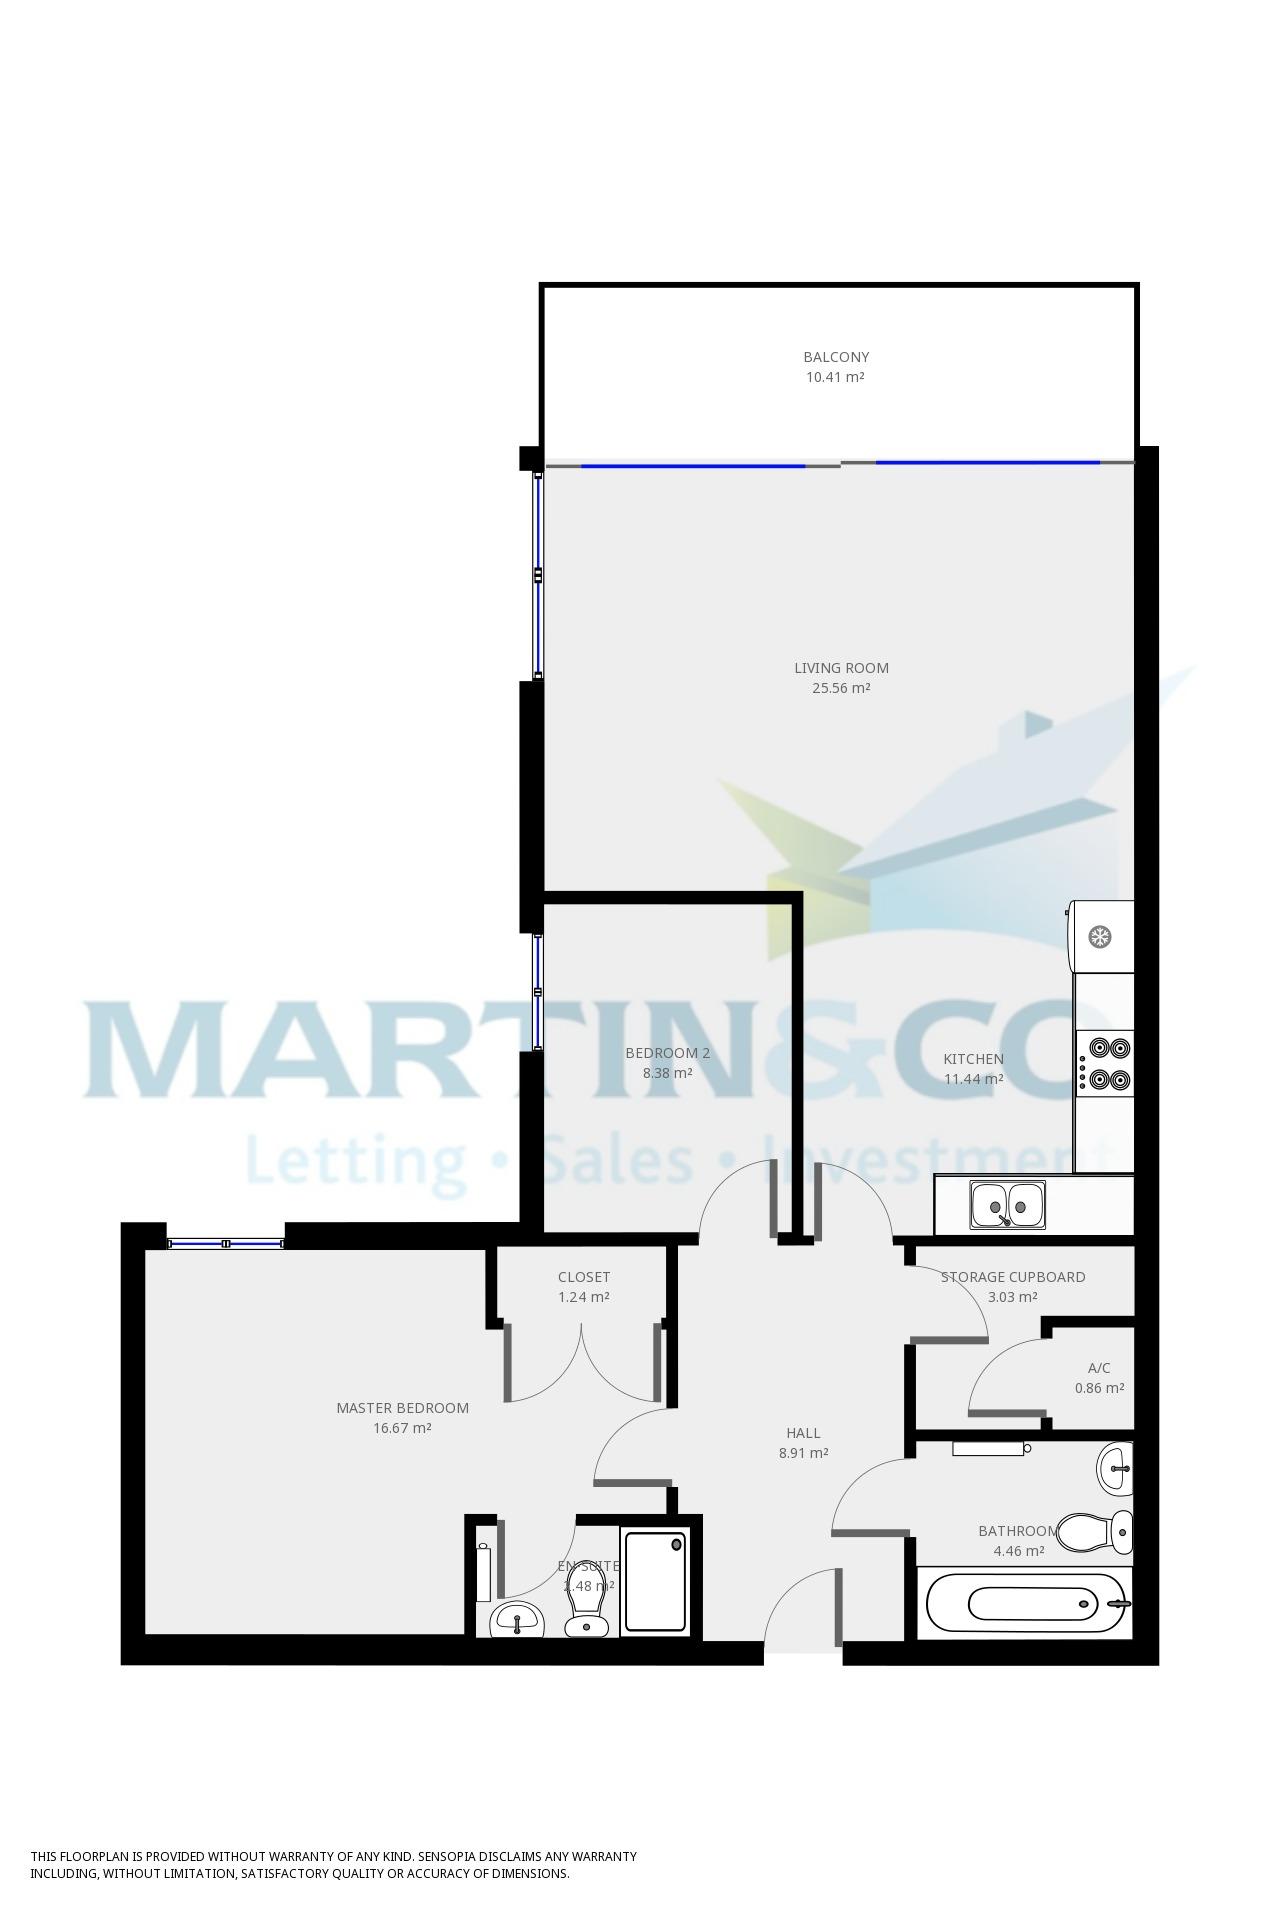 Coprolite Street Ipswich Ip3 2 Bedroom Flat For Sale